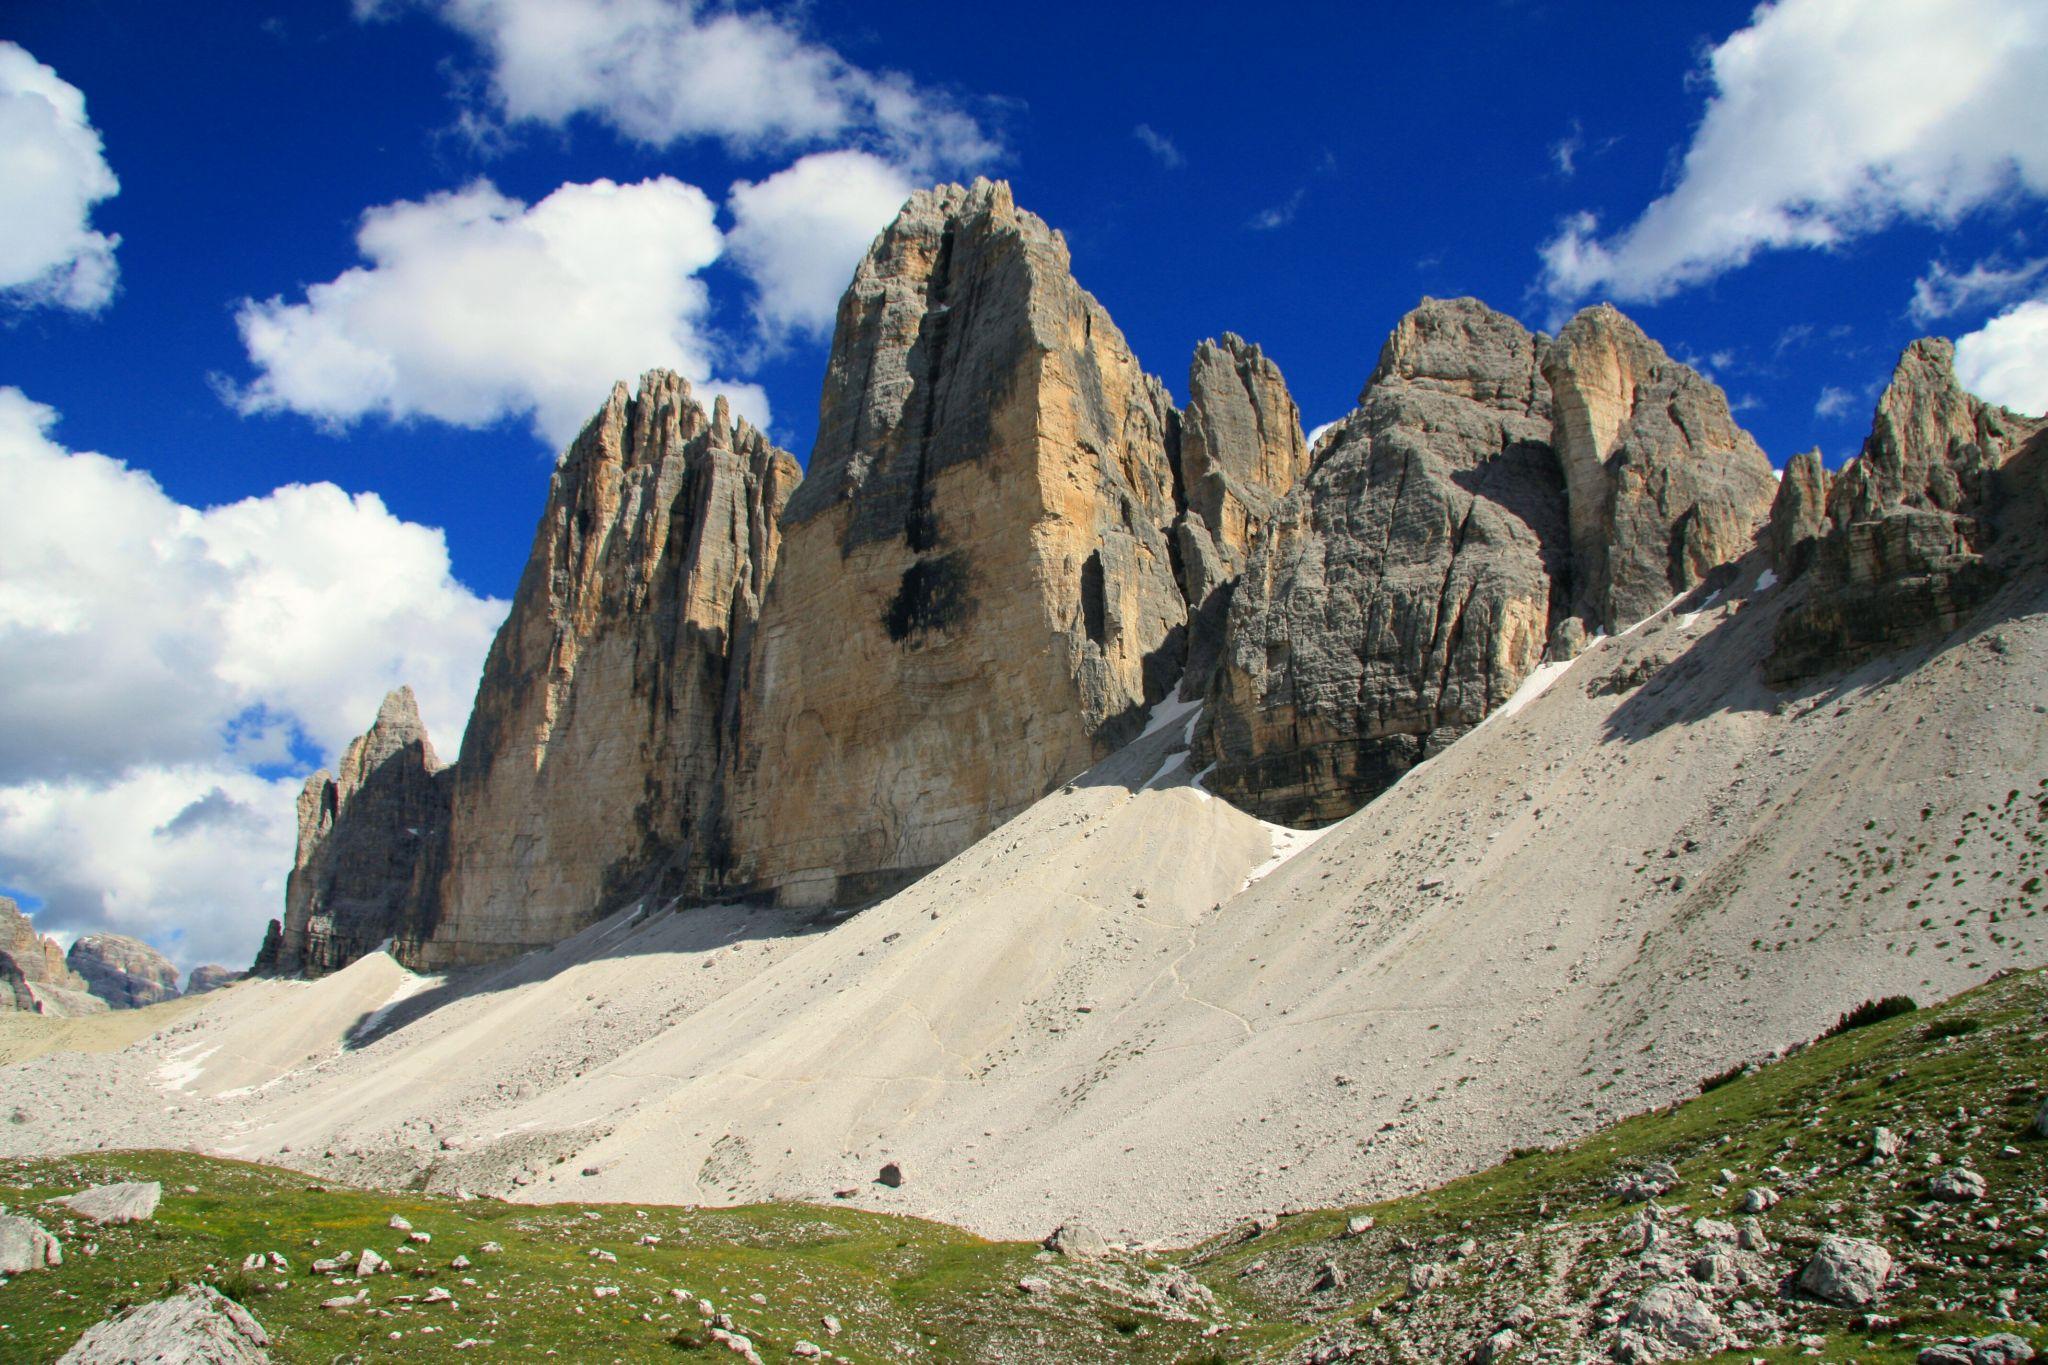 Drei Zinnen, Italy